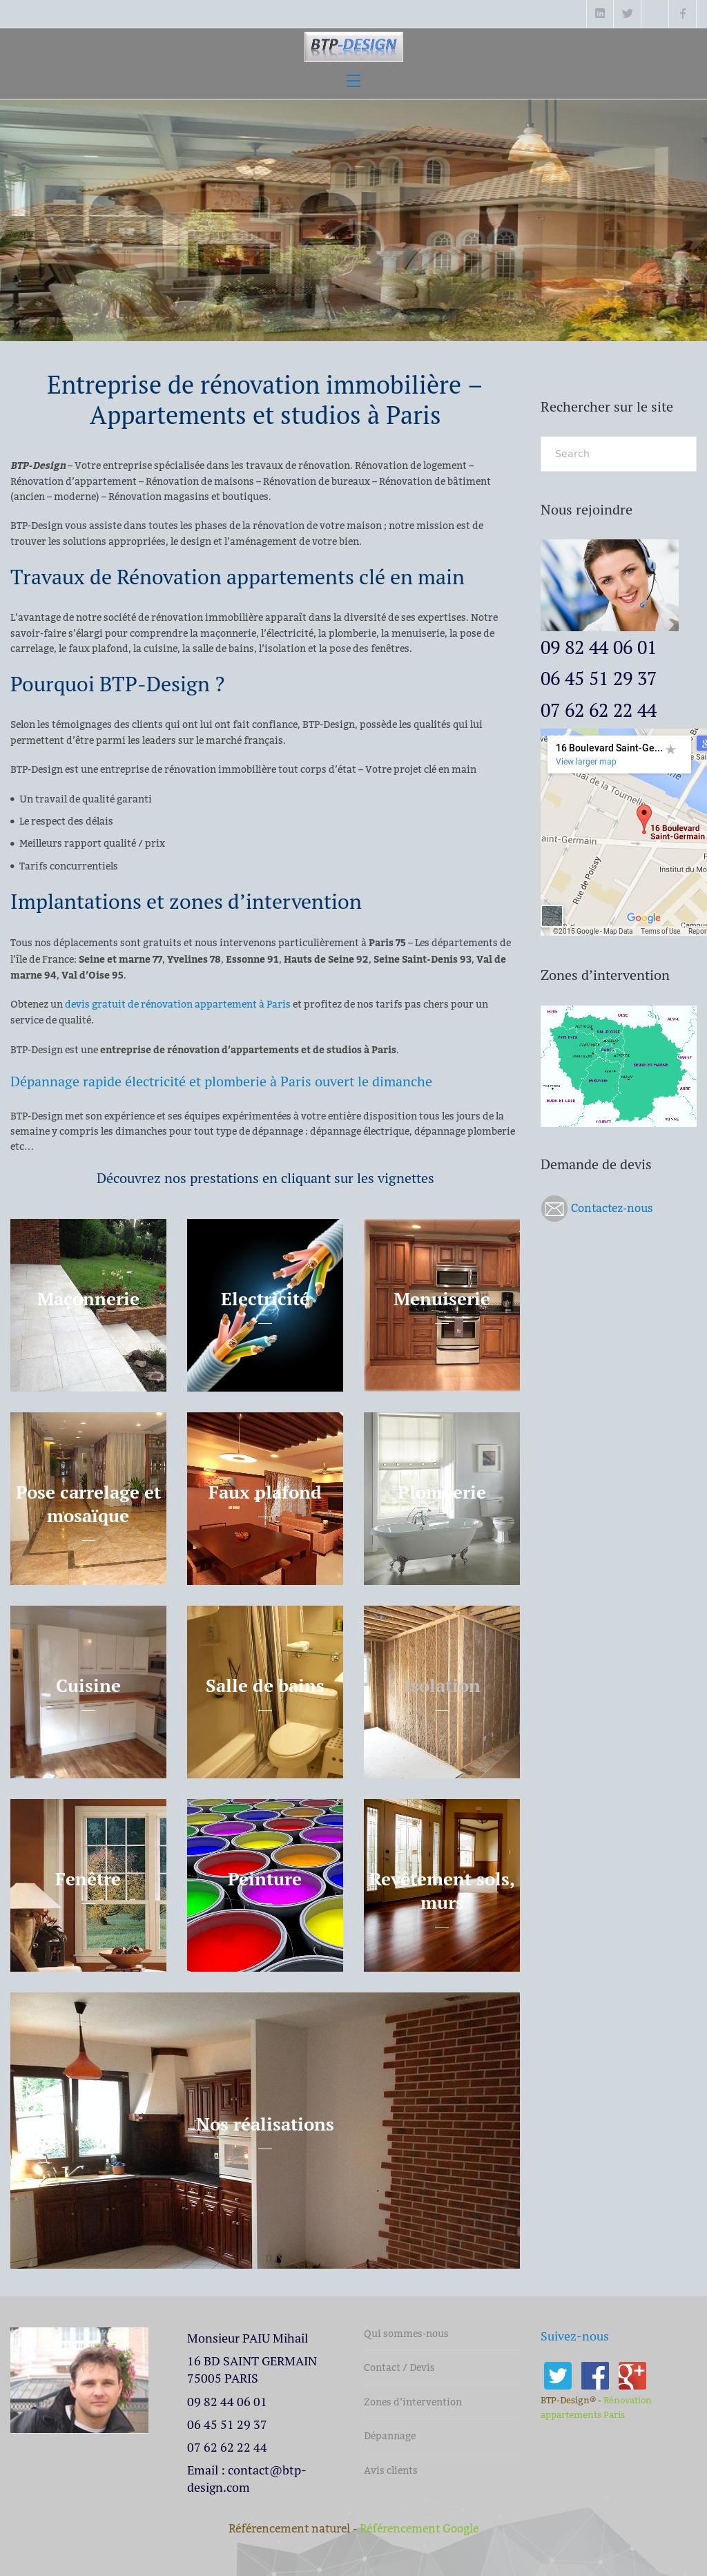 Maison Des Travaux Avis btp-design competitors, revenue and employees - owler